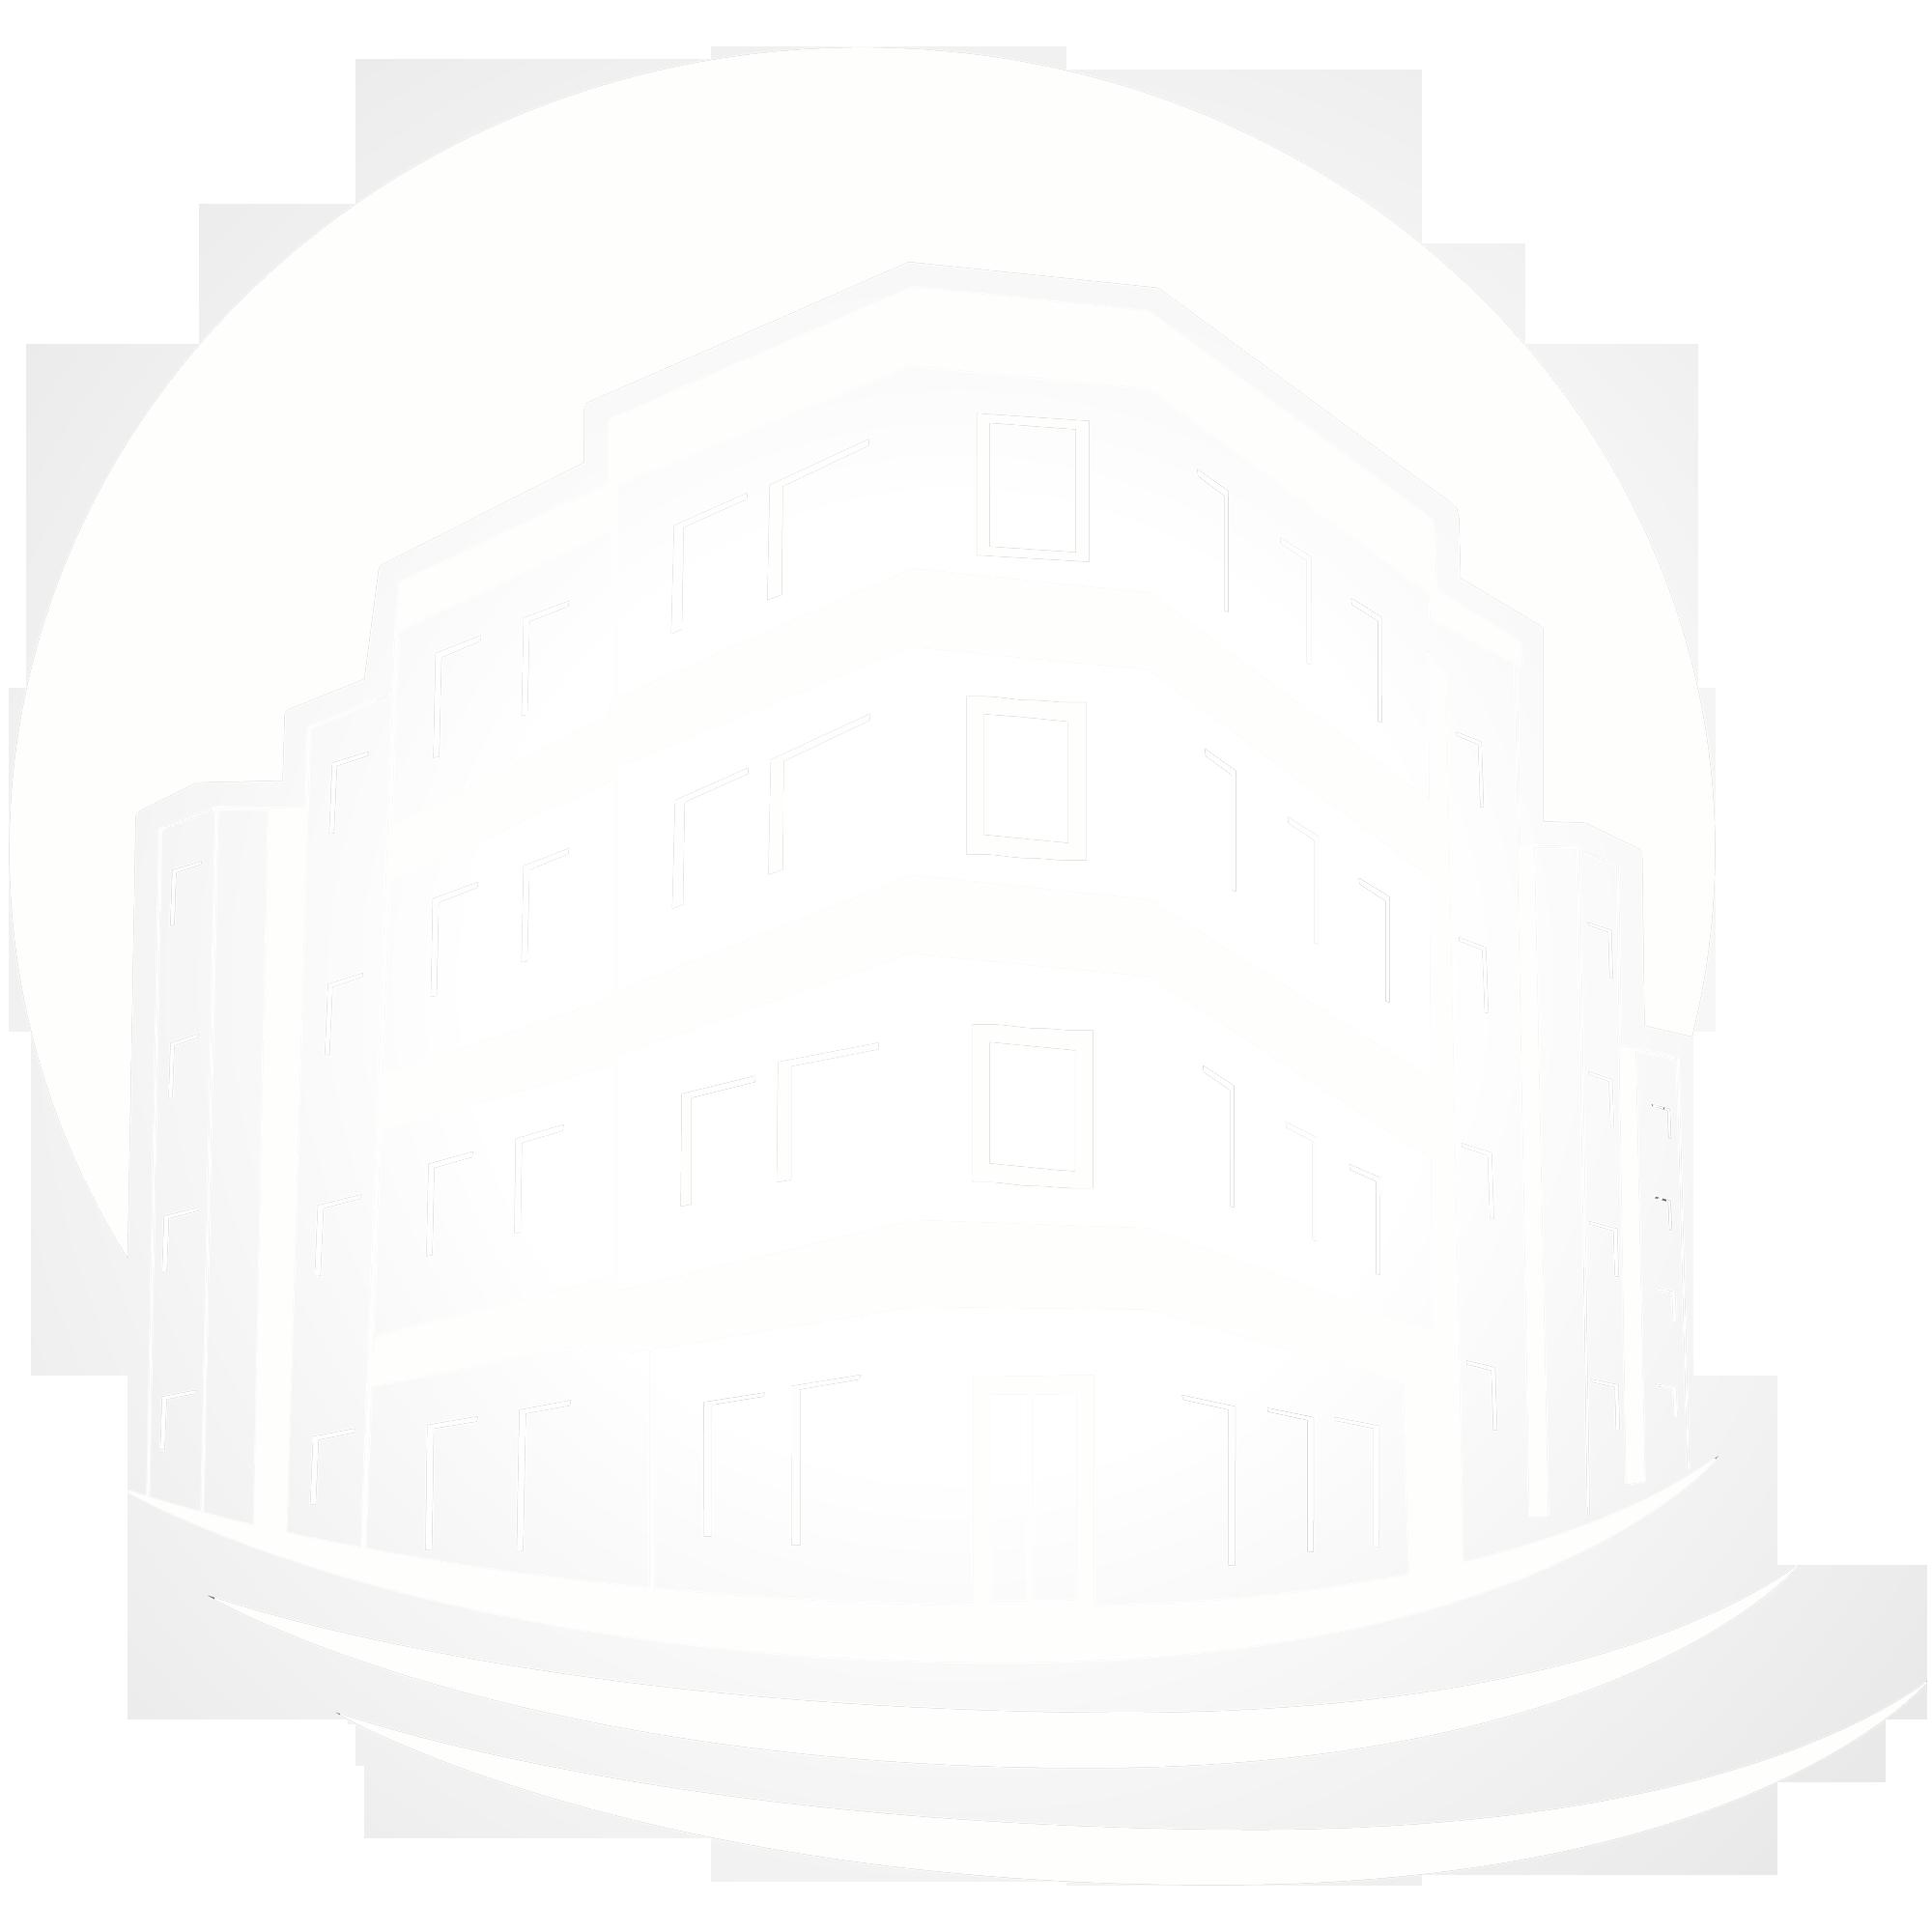 Immobilienmakler Solingen, Immobilien Solingen, Haus verkaufen Solingen, Haus zu verkaufen Solingen, Immobilie verkaufen Solingen, Wohnung verkaufen Solingen, Wohnung zu verkaufen Solingen, Eigentumswohnung verkaufen Solingen